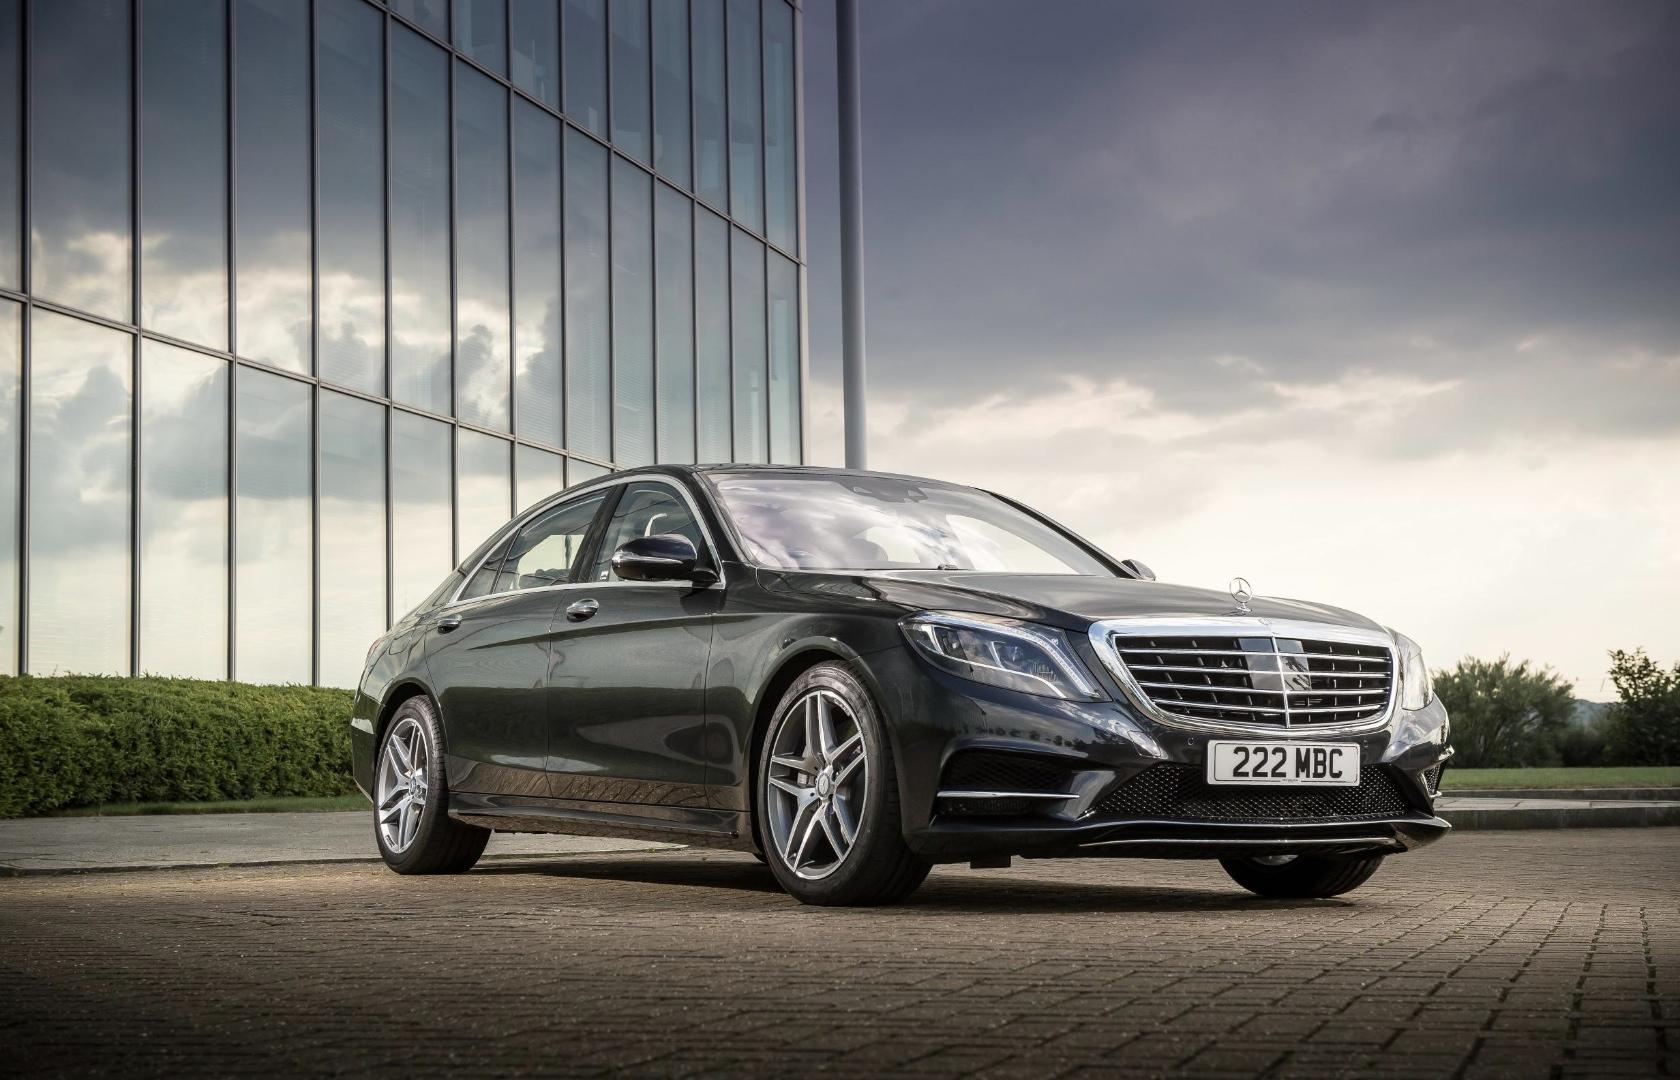 Mercedes benz s class picks up best executive car award for Best class of mercedes benz